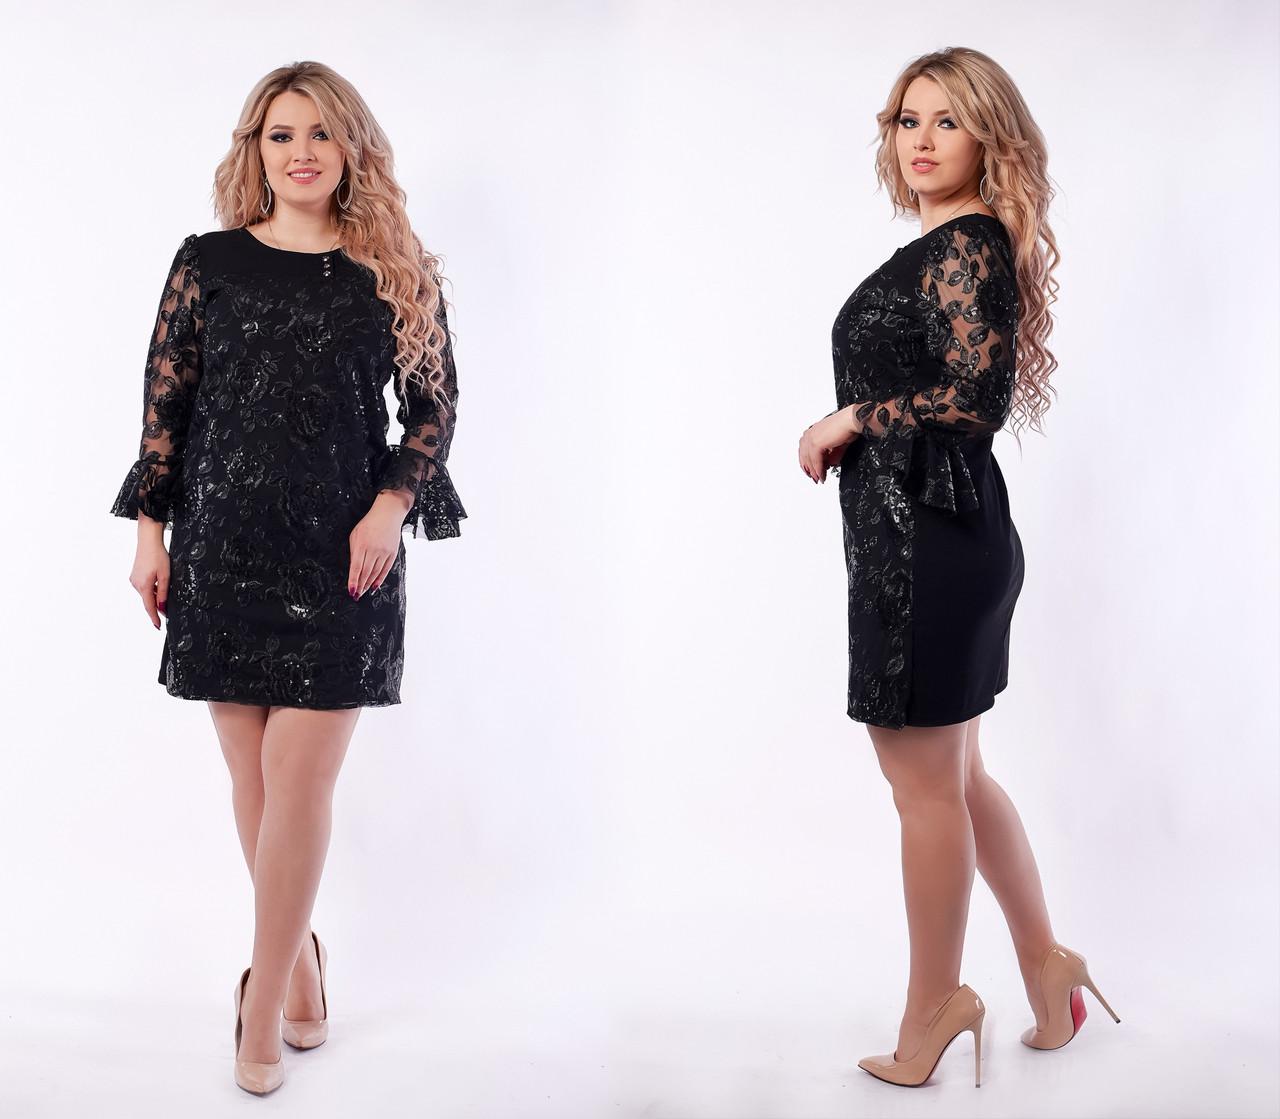 d3ff9d6c5932ee2 Вечернее платье женское Креп дайвинг и сетка с вышивкой Пайетки Размер 50  52 54 56 58